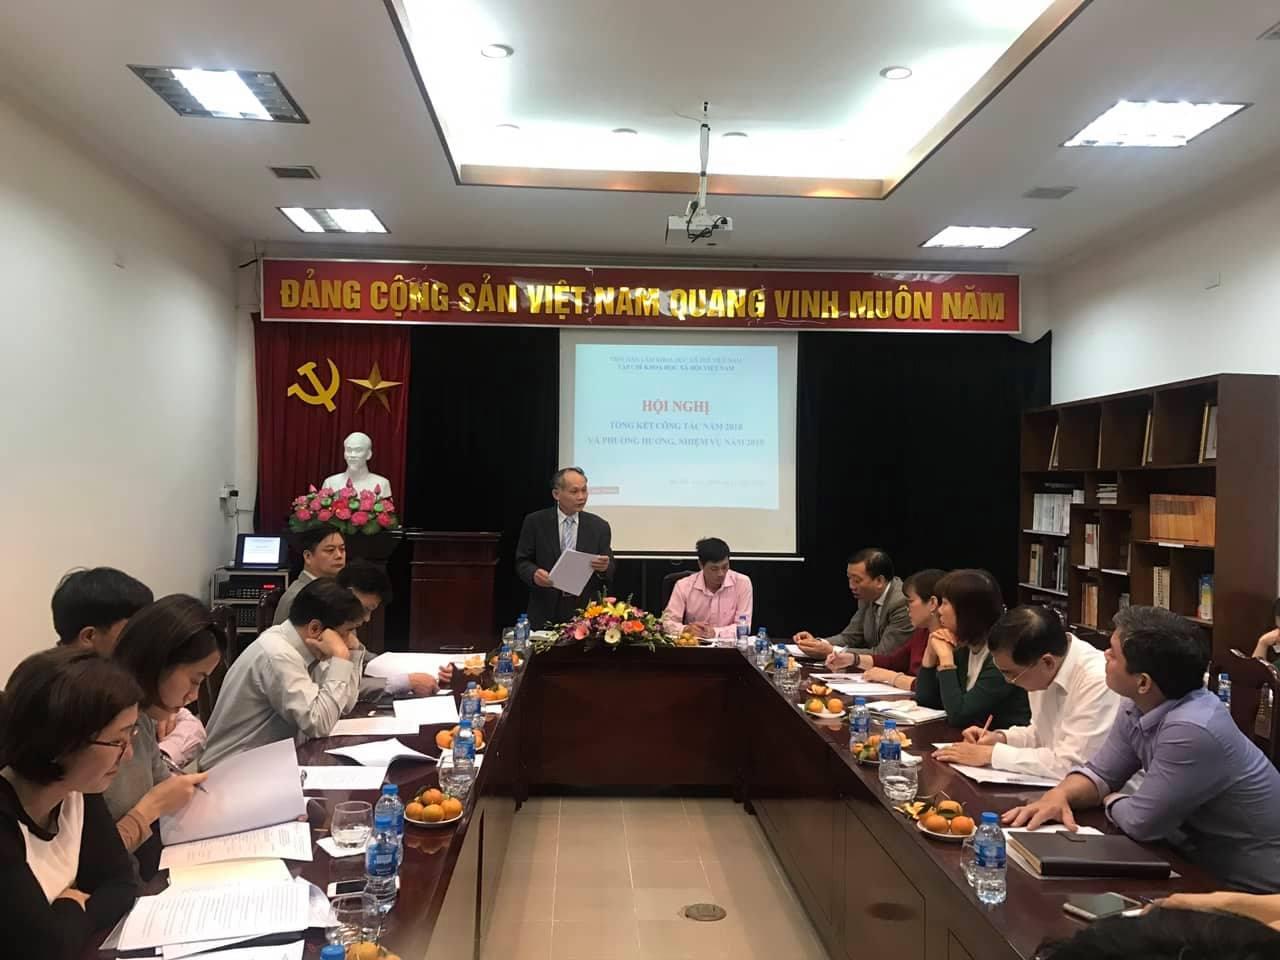 Hội nghị Tổng kết công tác năm 2018 và phương hướng, nhiệm vụ năm 2019